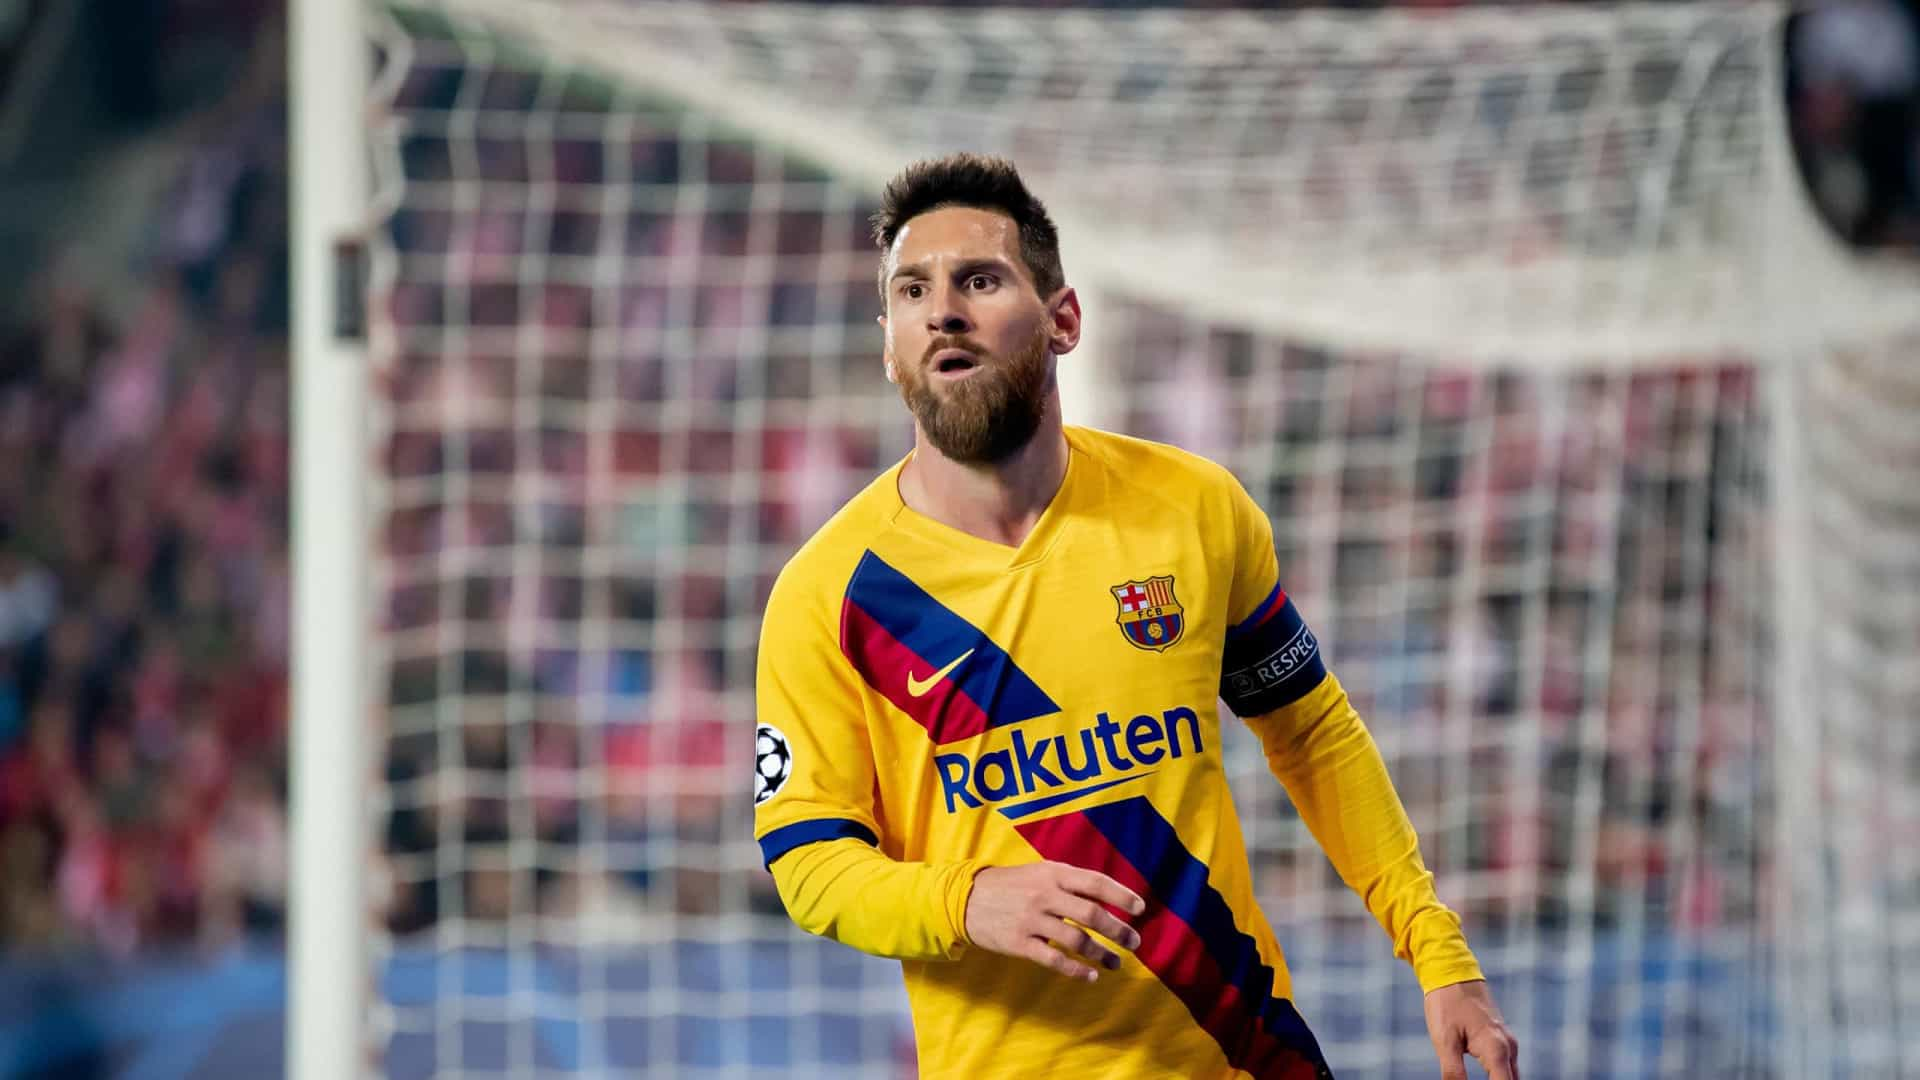 Jogadores do Barcelona rejeitam primeira proposta de redução salarial